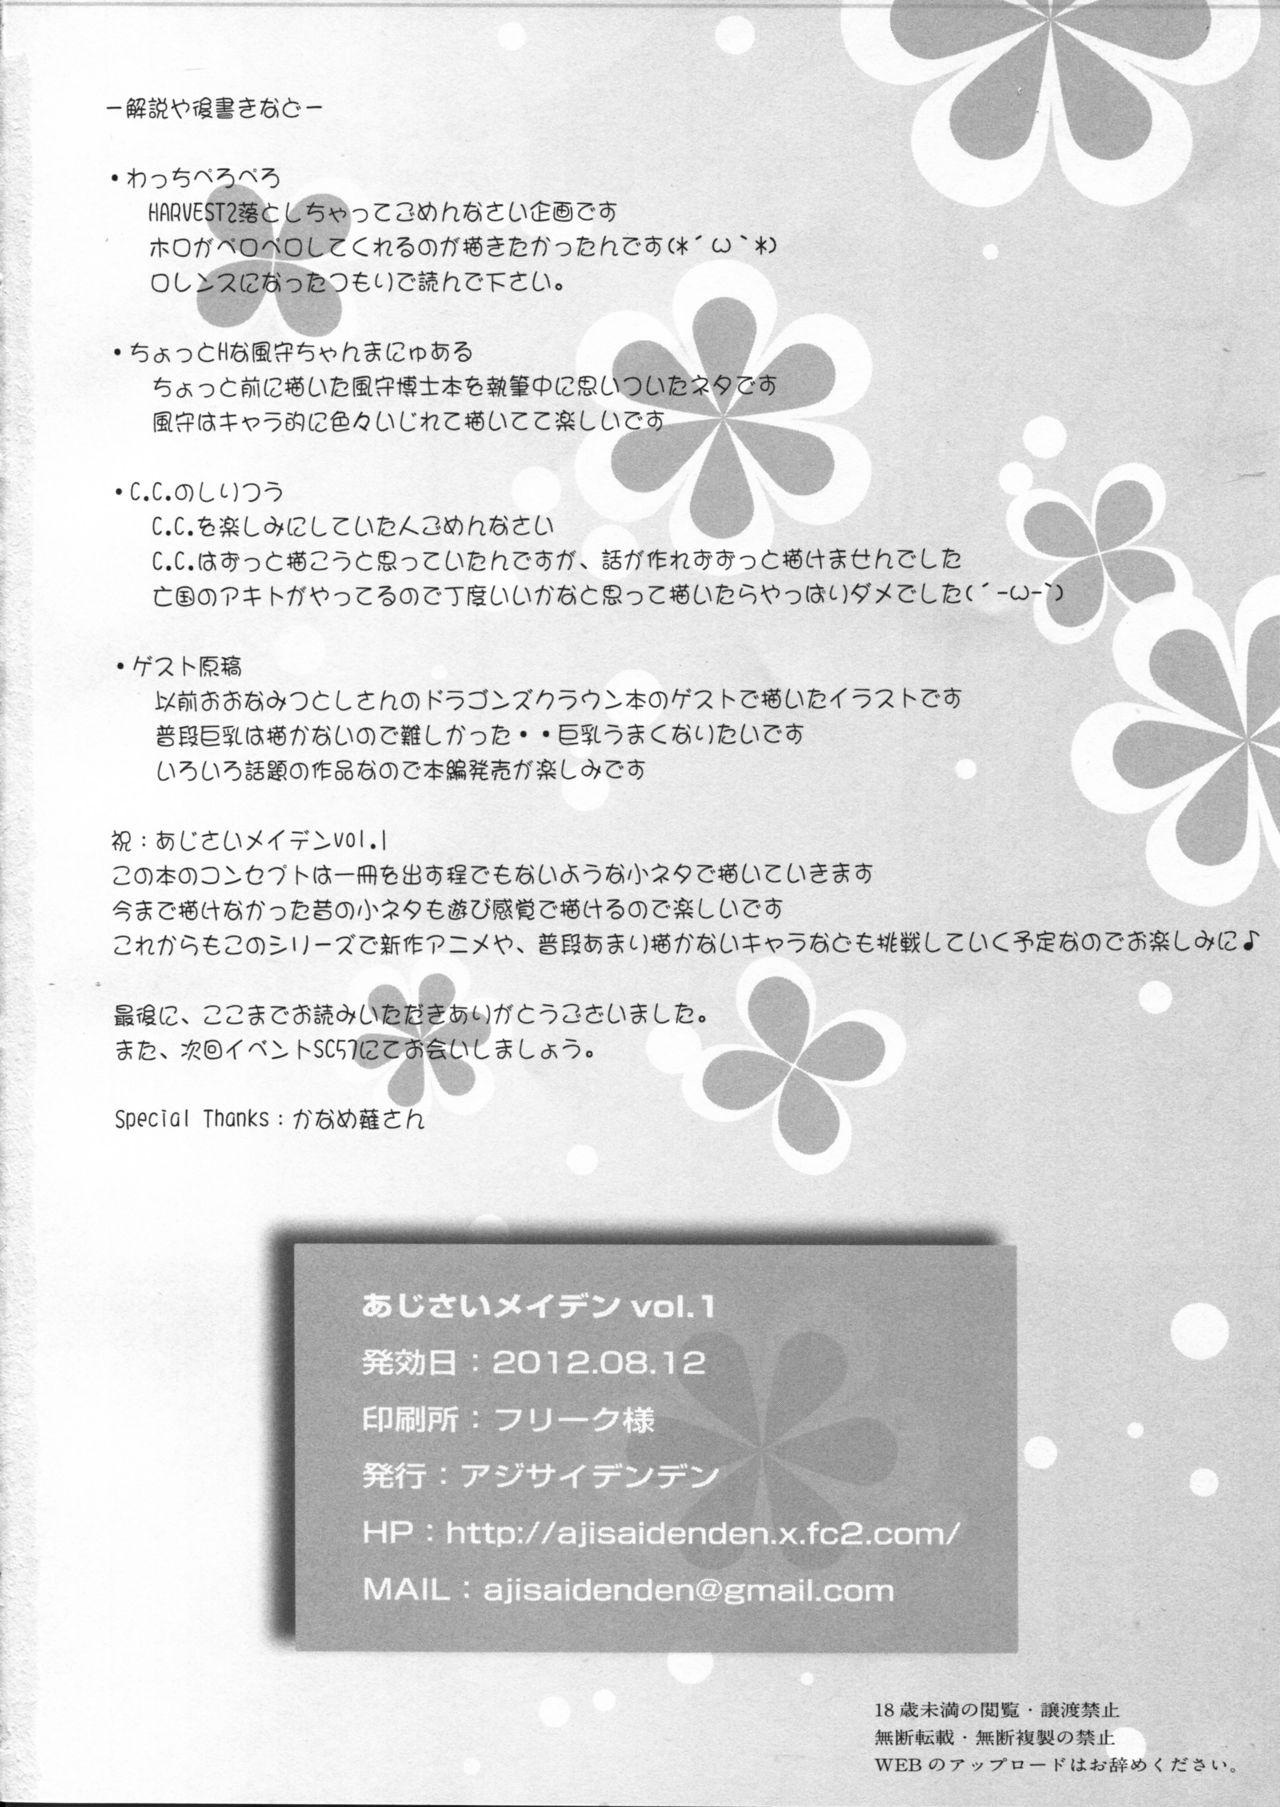 Ajisai Maiden vol.1 25